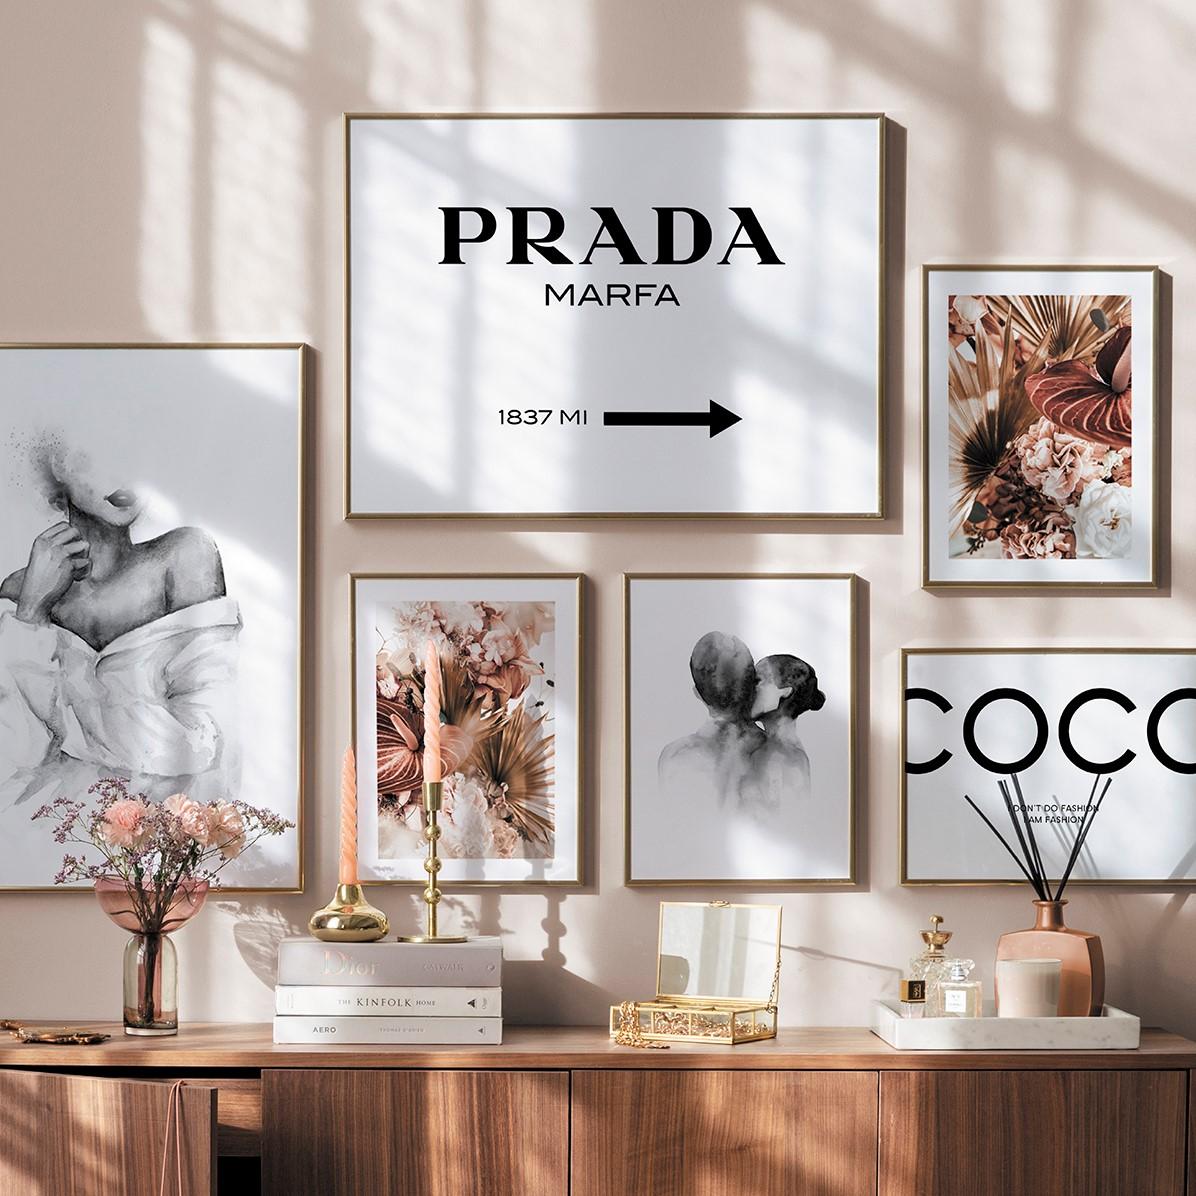 Dekoriere deine Wände mit neuer Wandkunst! Spare CHF 5 .- auf Poster.*